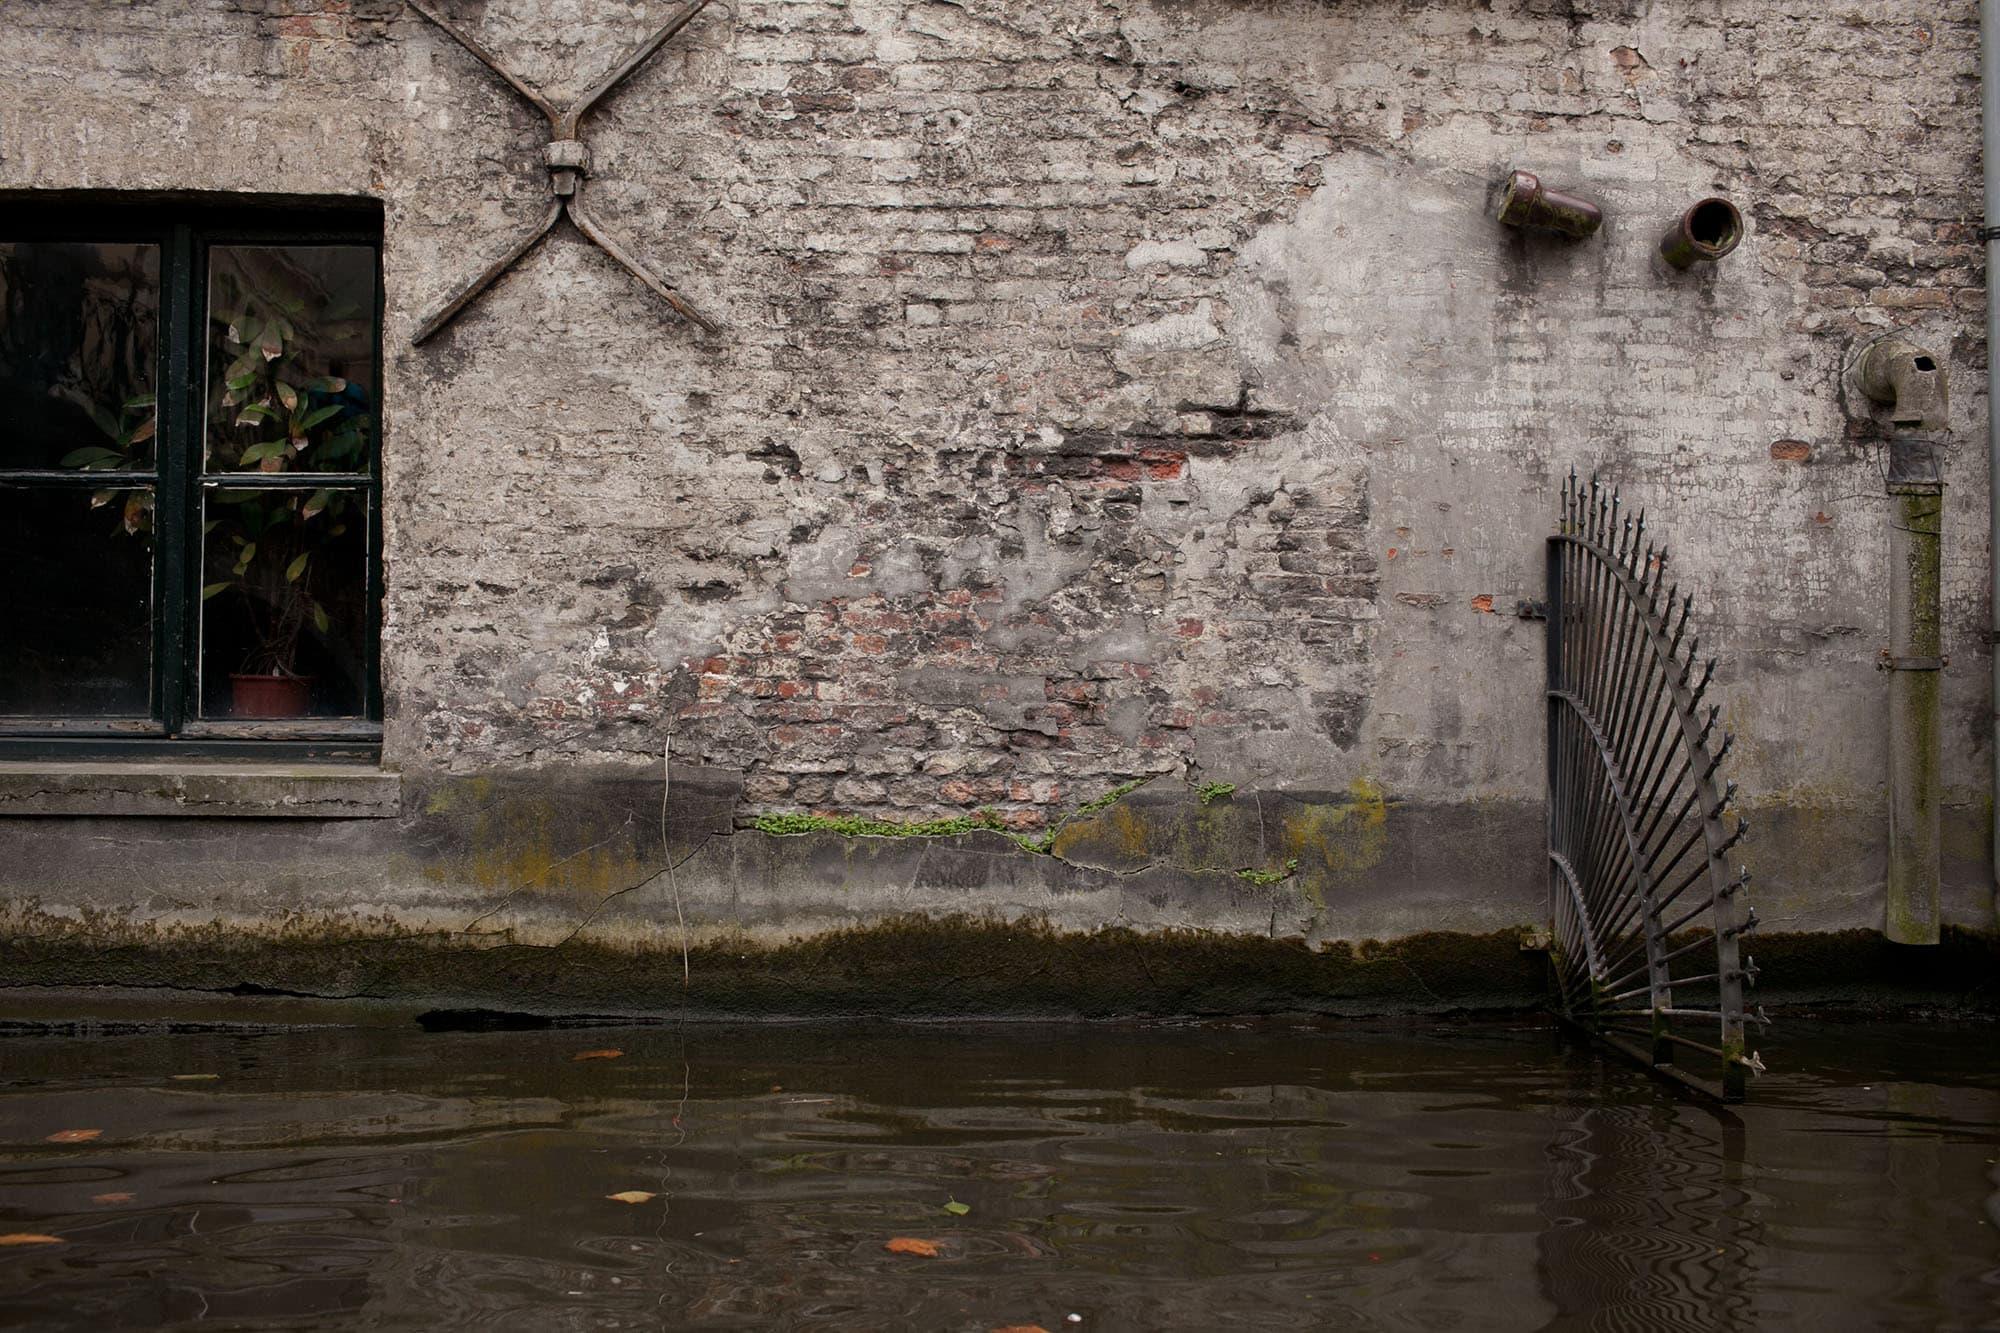 Canal tour in Bruges, Belgium